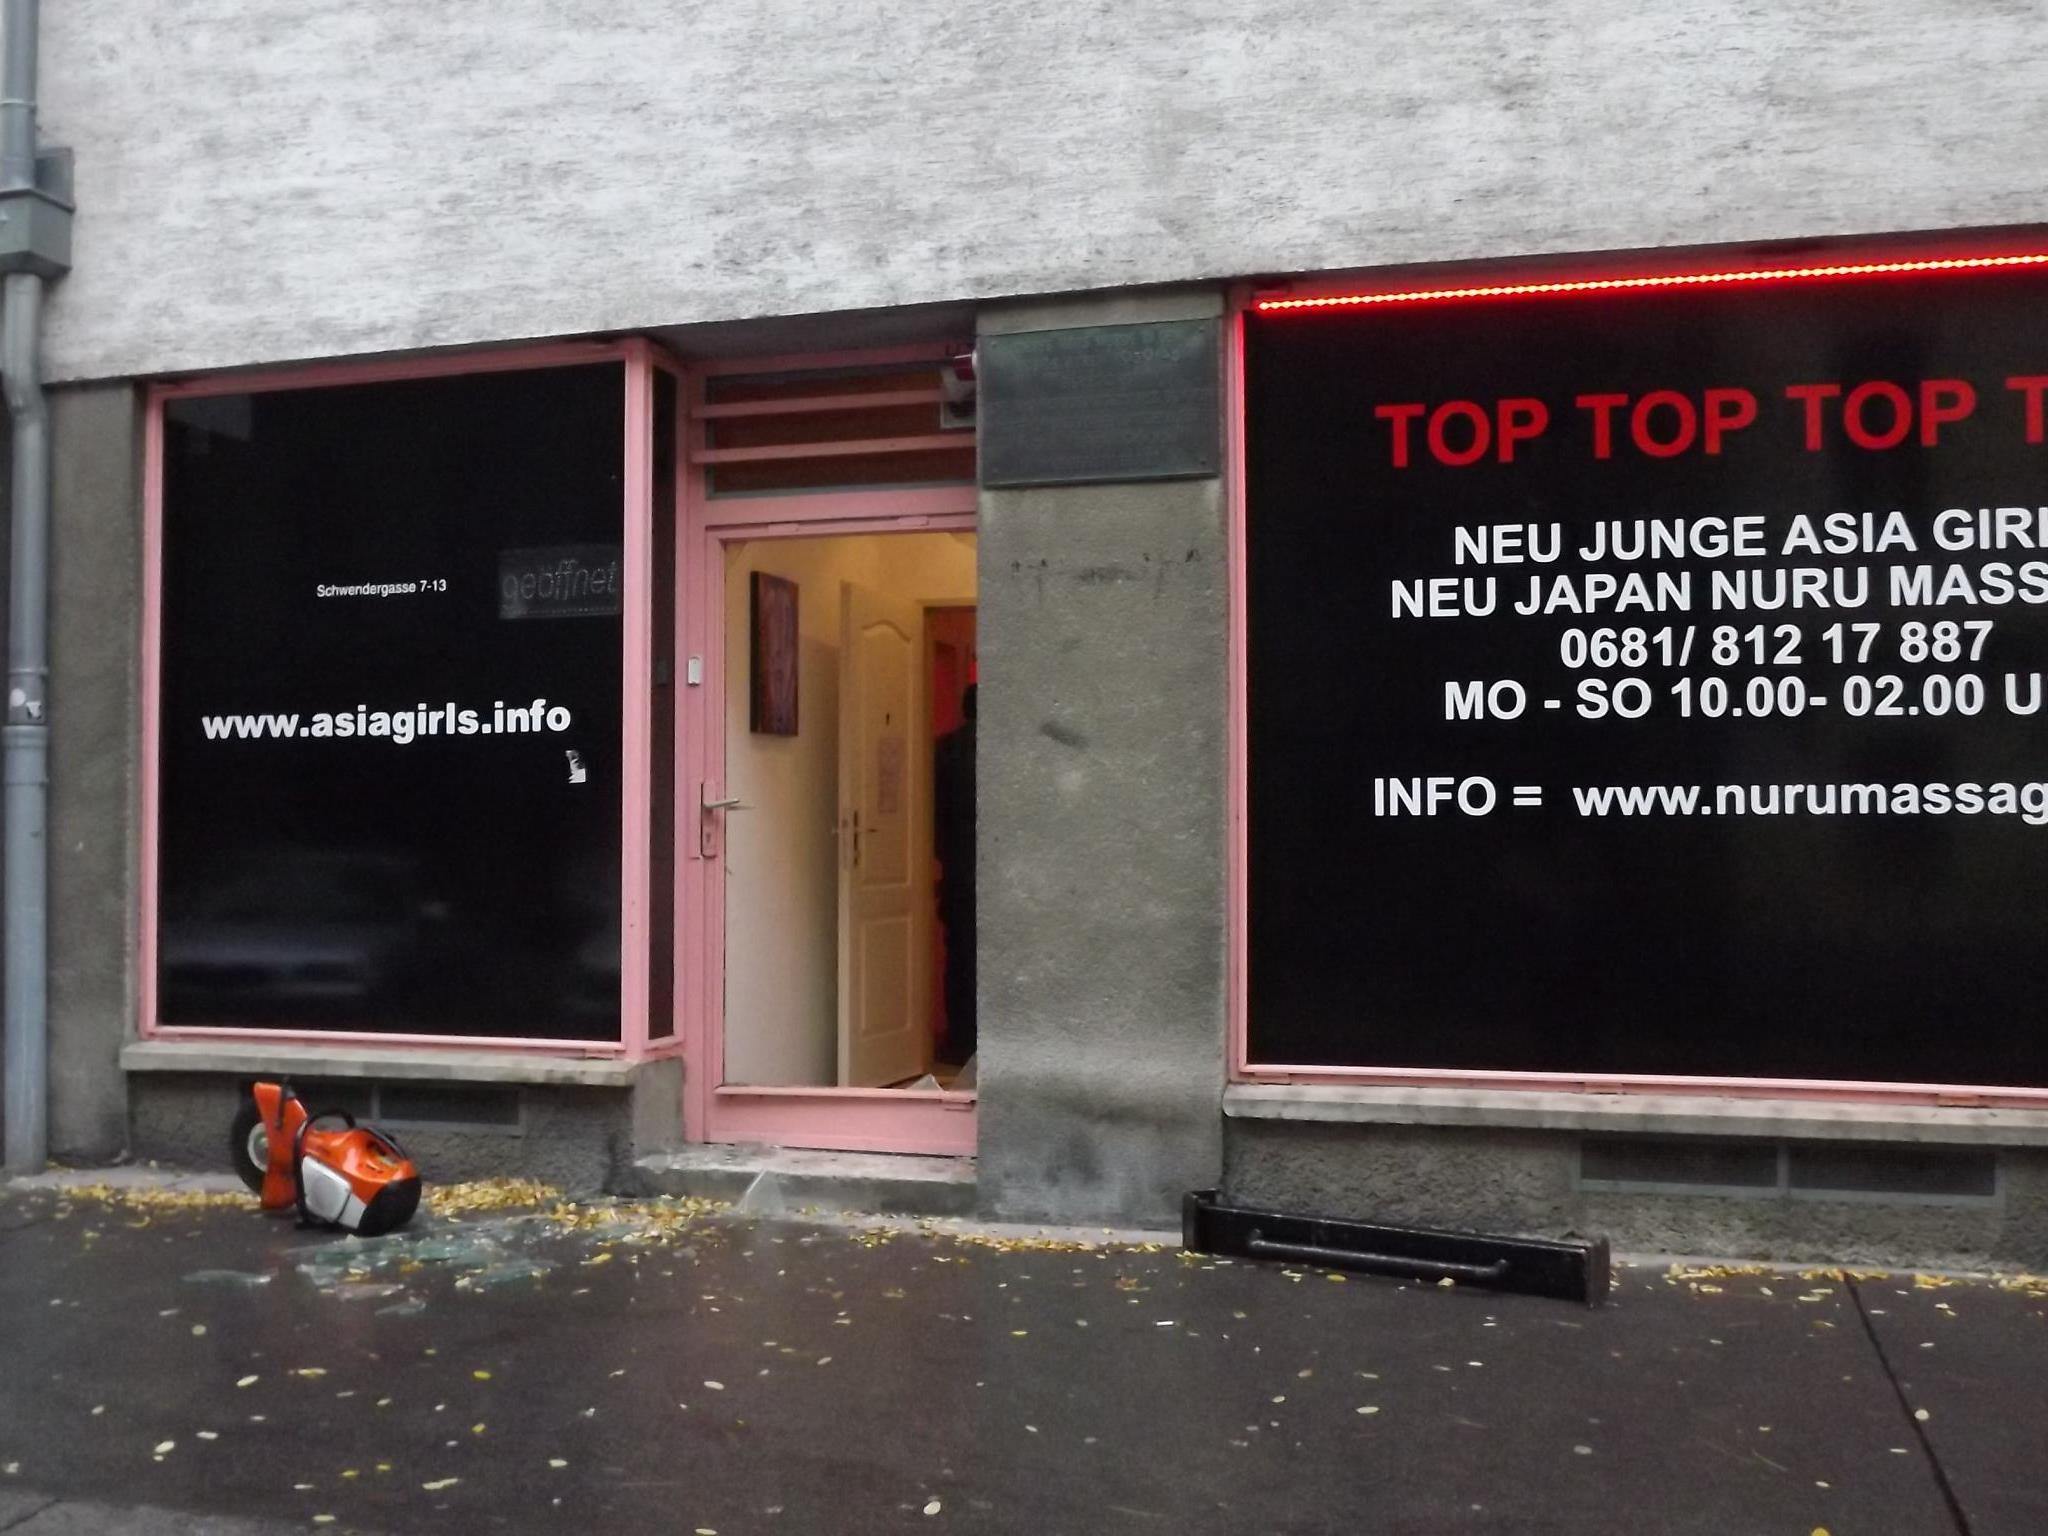 Frauen aus China nach Wien geschleppt und prostituiert